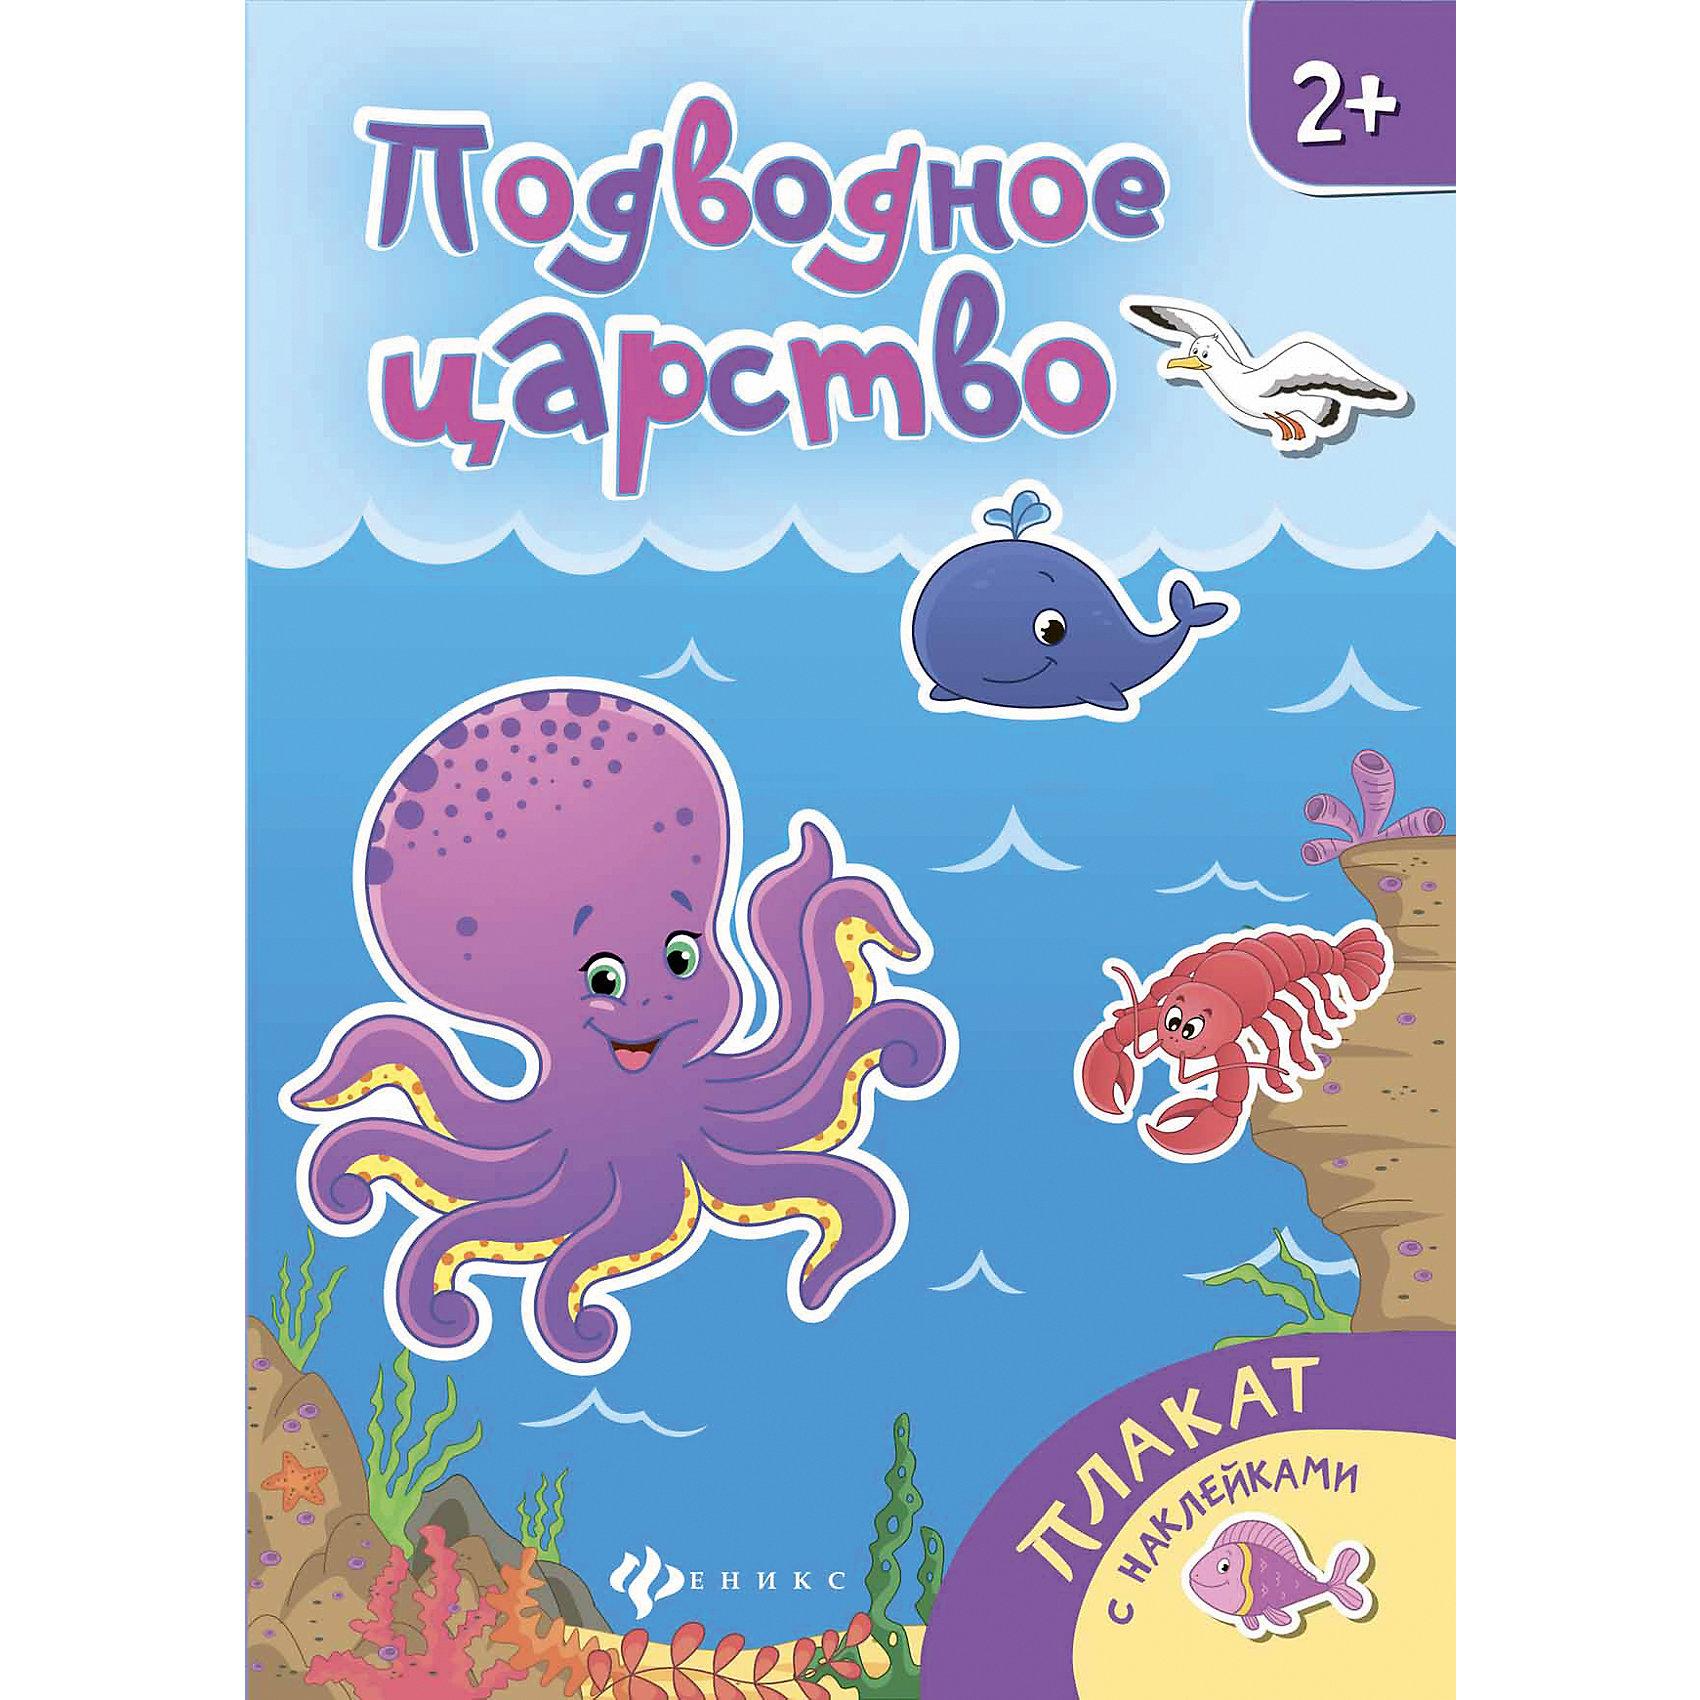 Комплект плакатов с наклейками Подводное царство+ сельские жителиФеникс<br>Плакат с наклейками - это необычный и интересный формат для знакомства малыша с новыми темами. <br>Как это работает?<br>- занятия с наклейками способствуют развитию мелкой моторики;<br>- пошаговое наклеивание персонажей и предметов позволяет лучше их запомнить;<br>- работа с наклейками может занять малыша надолго.<br><br>Ширина мм: 291<br>Глубина мм: 206<br>Высота мм: 20<br>Вес г: 330<br>Возраст от месяцев: 36<br>Возраст до месяцев: 2147483647<br>Пол: Унисекс<br>Возраст: Детский<br>SKU: 6873676